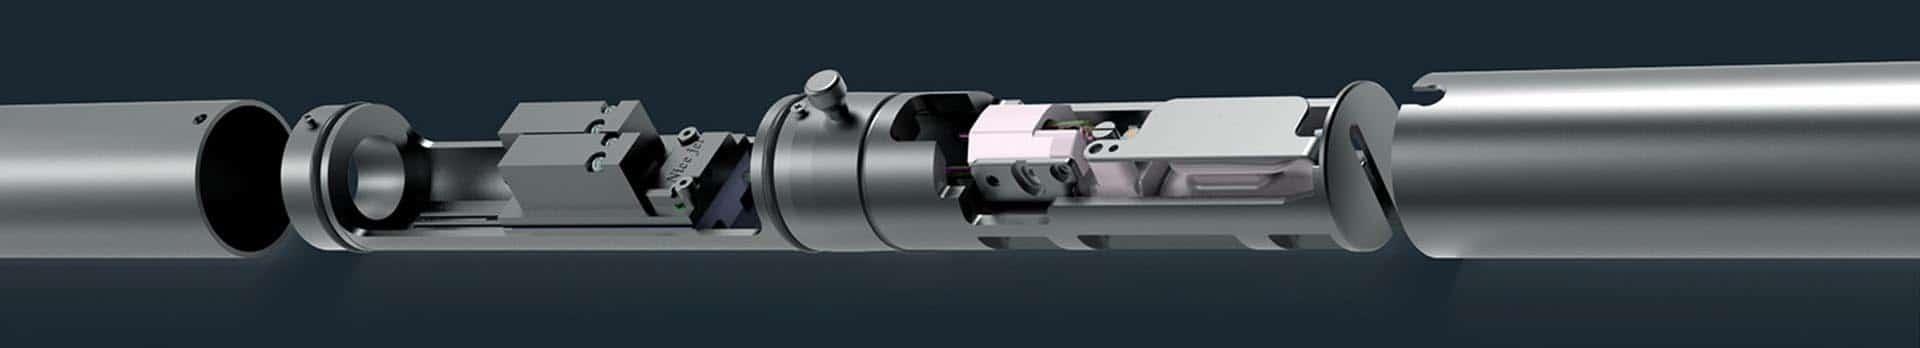 Краплеструменевий маркувальник Fastjet A400 друкувальна голівка